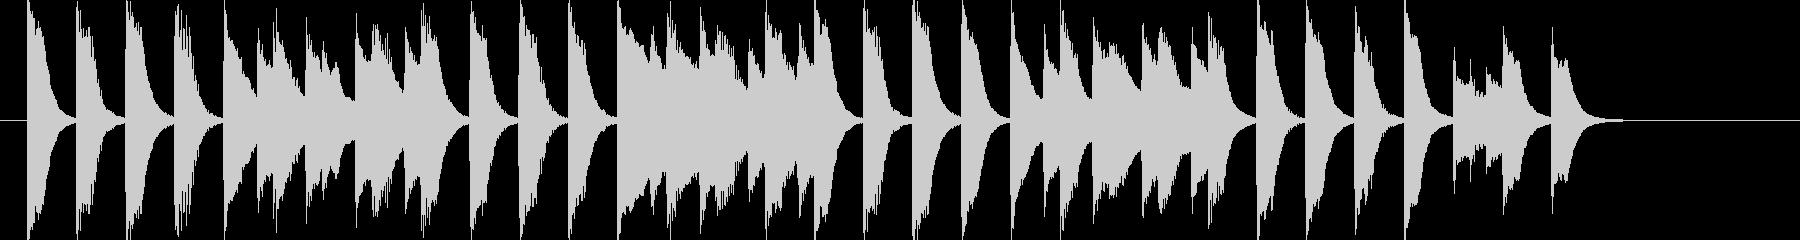 軽快なほのぼのピアノ曲の未再生の波形